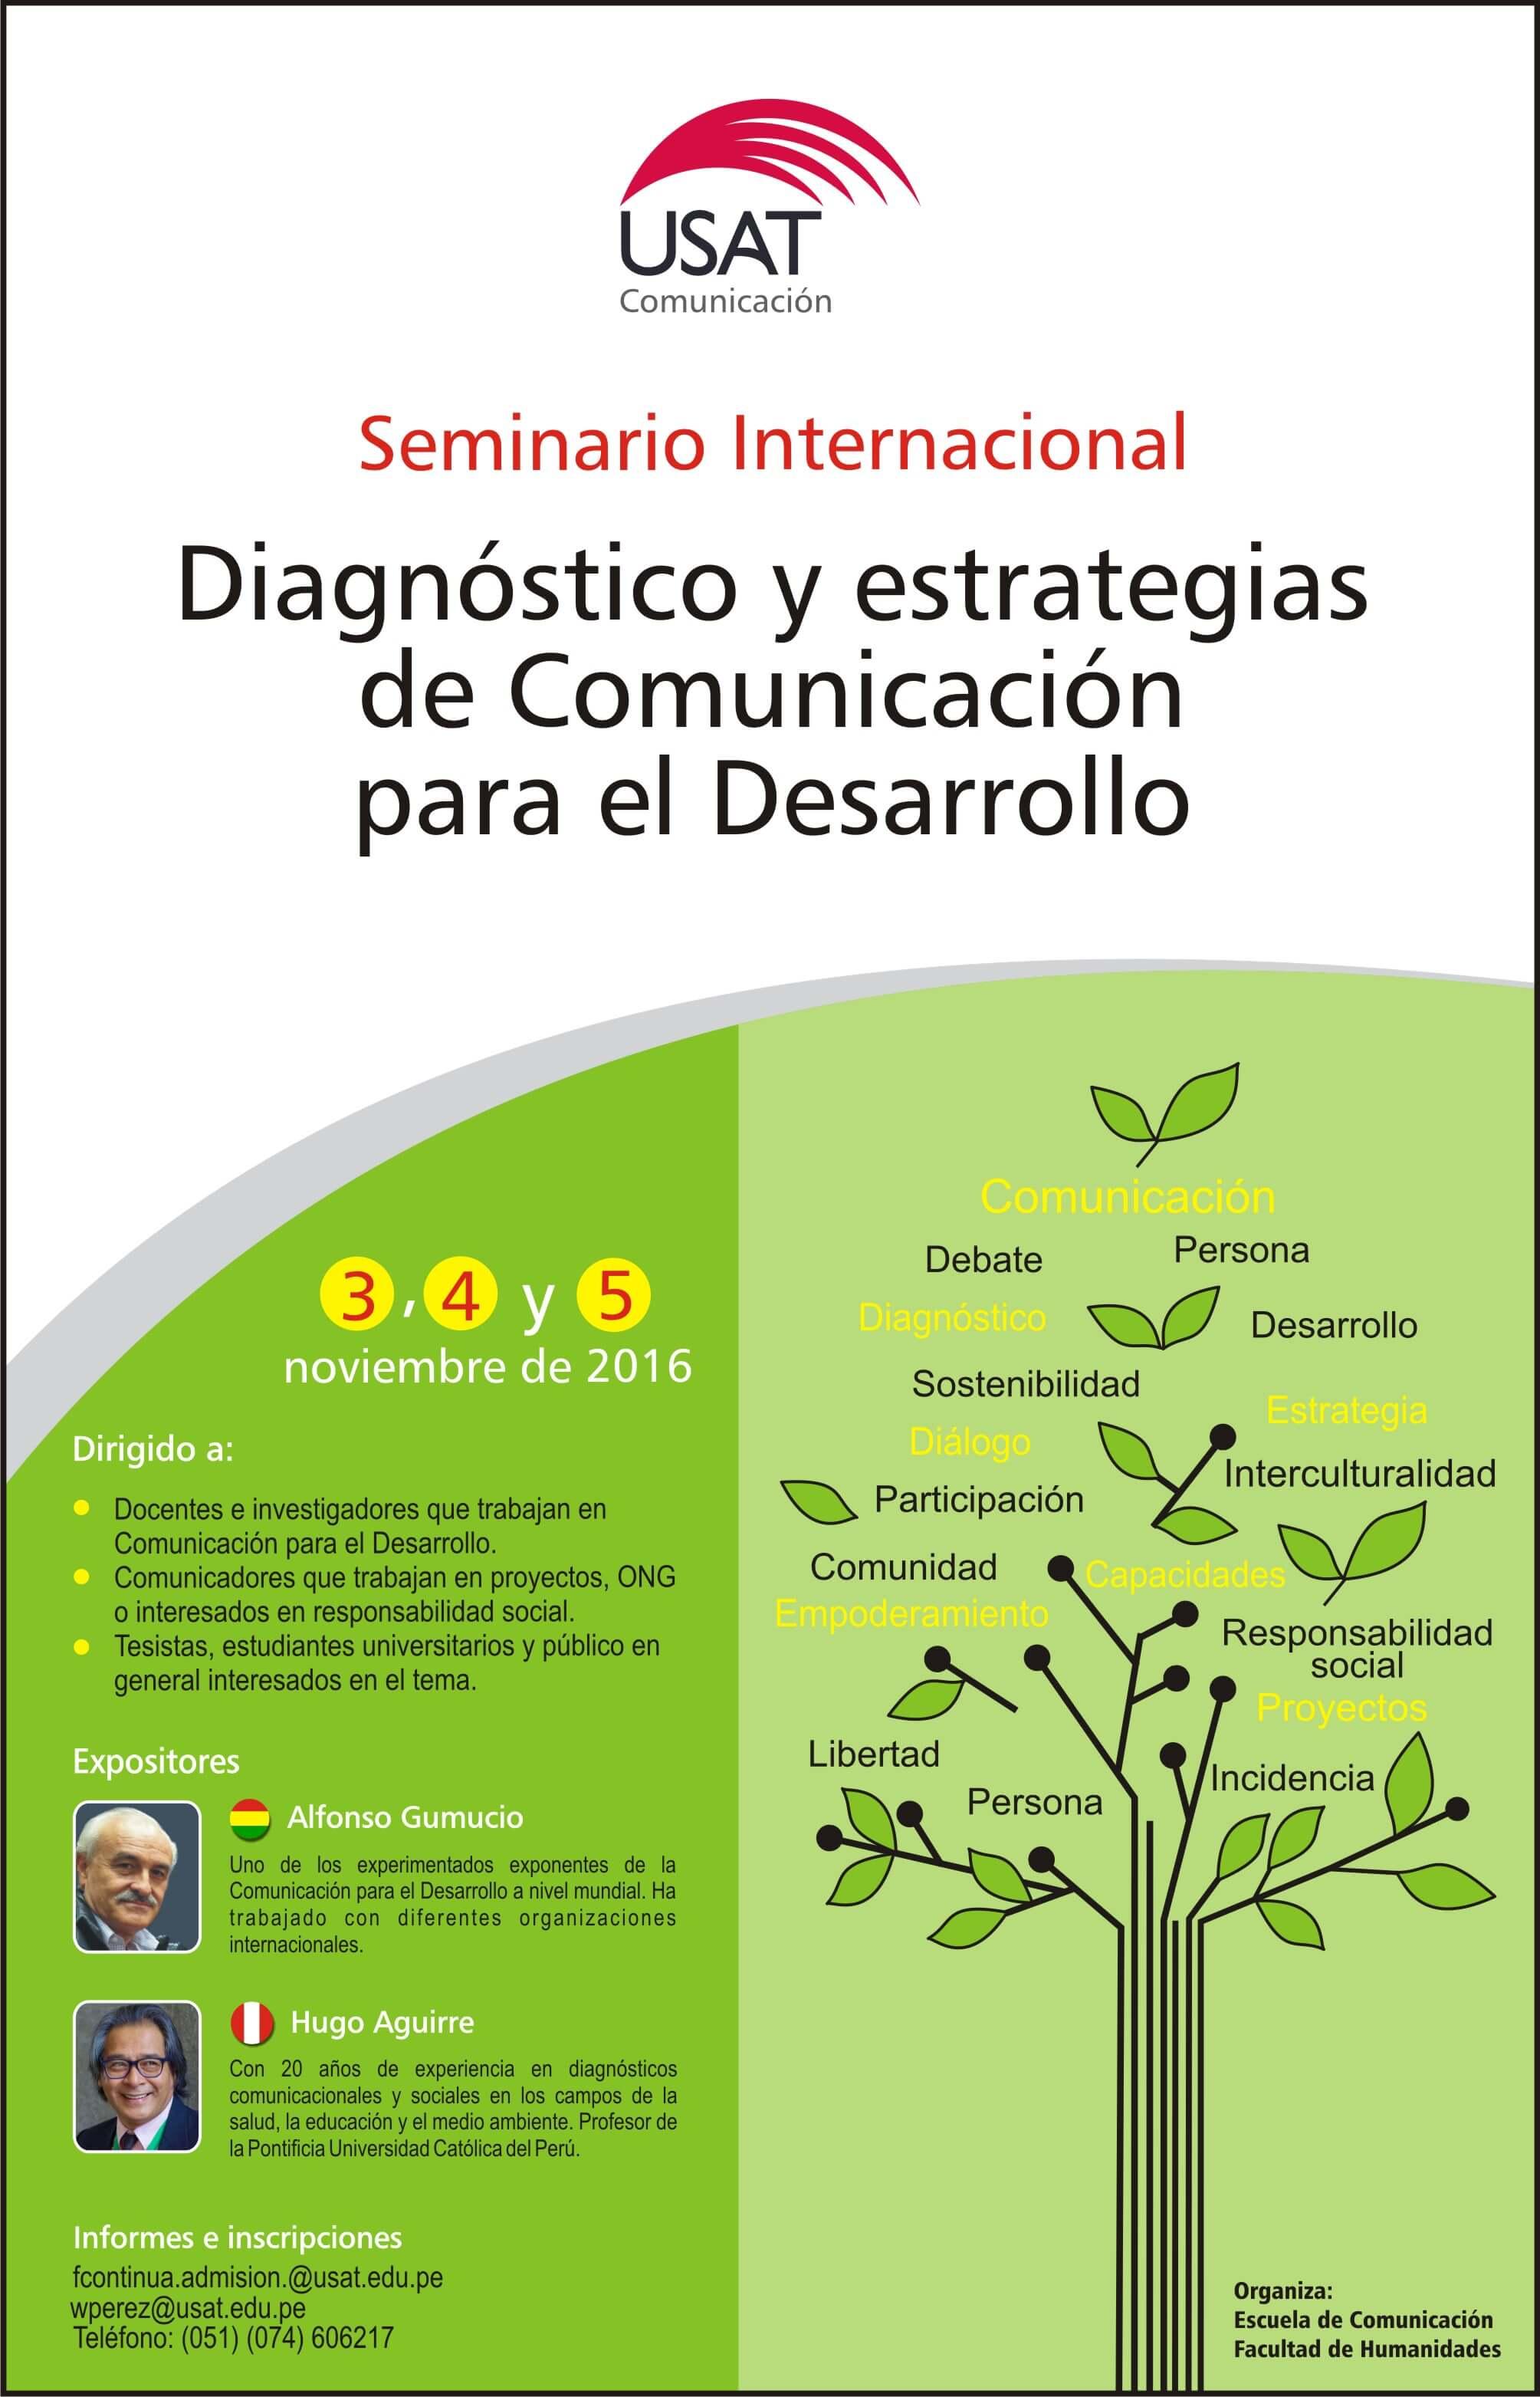 Seminario Internacional. Diagnóstico y estrategias de Comunicación para el Desarrollo